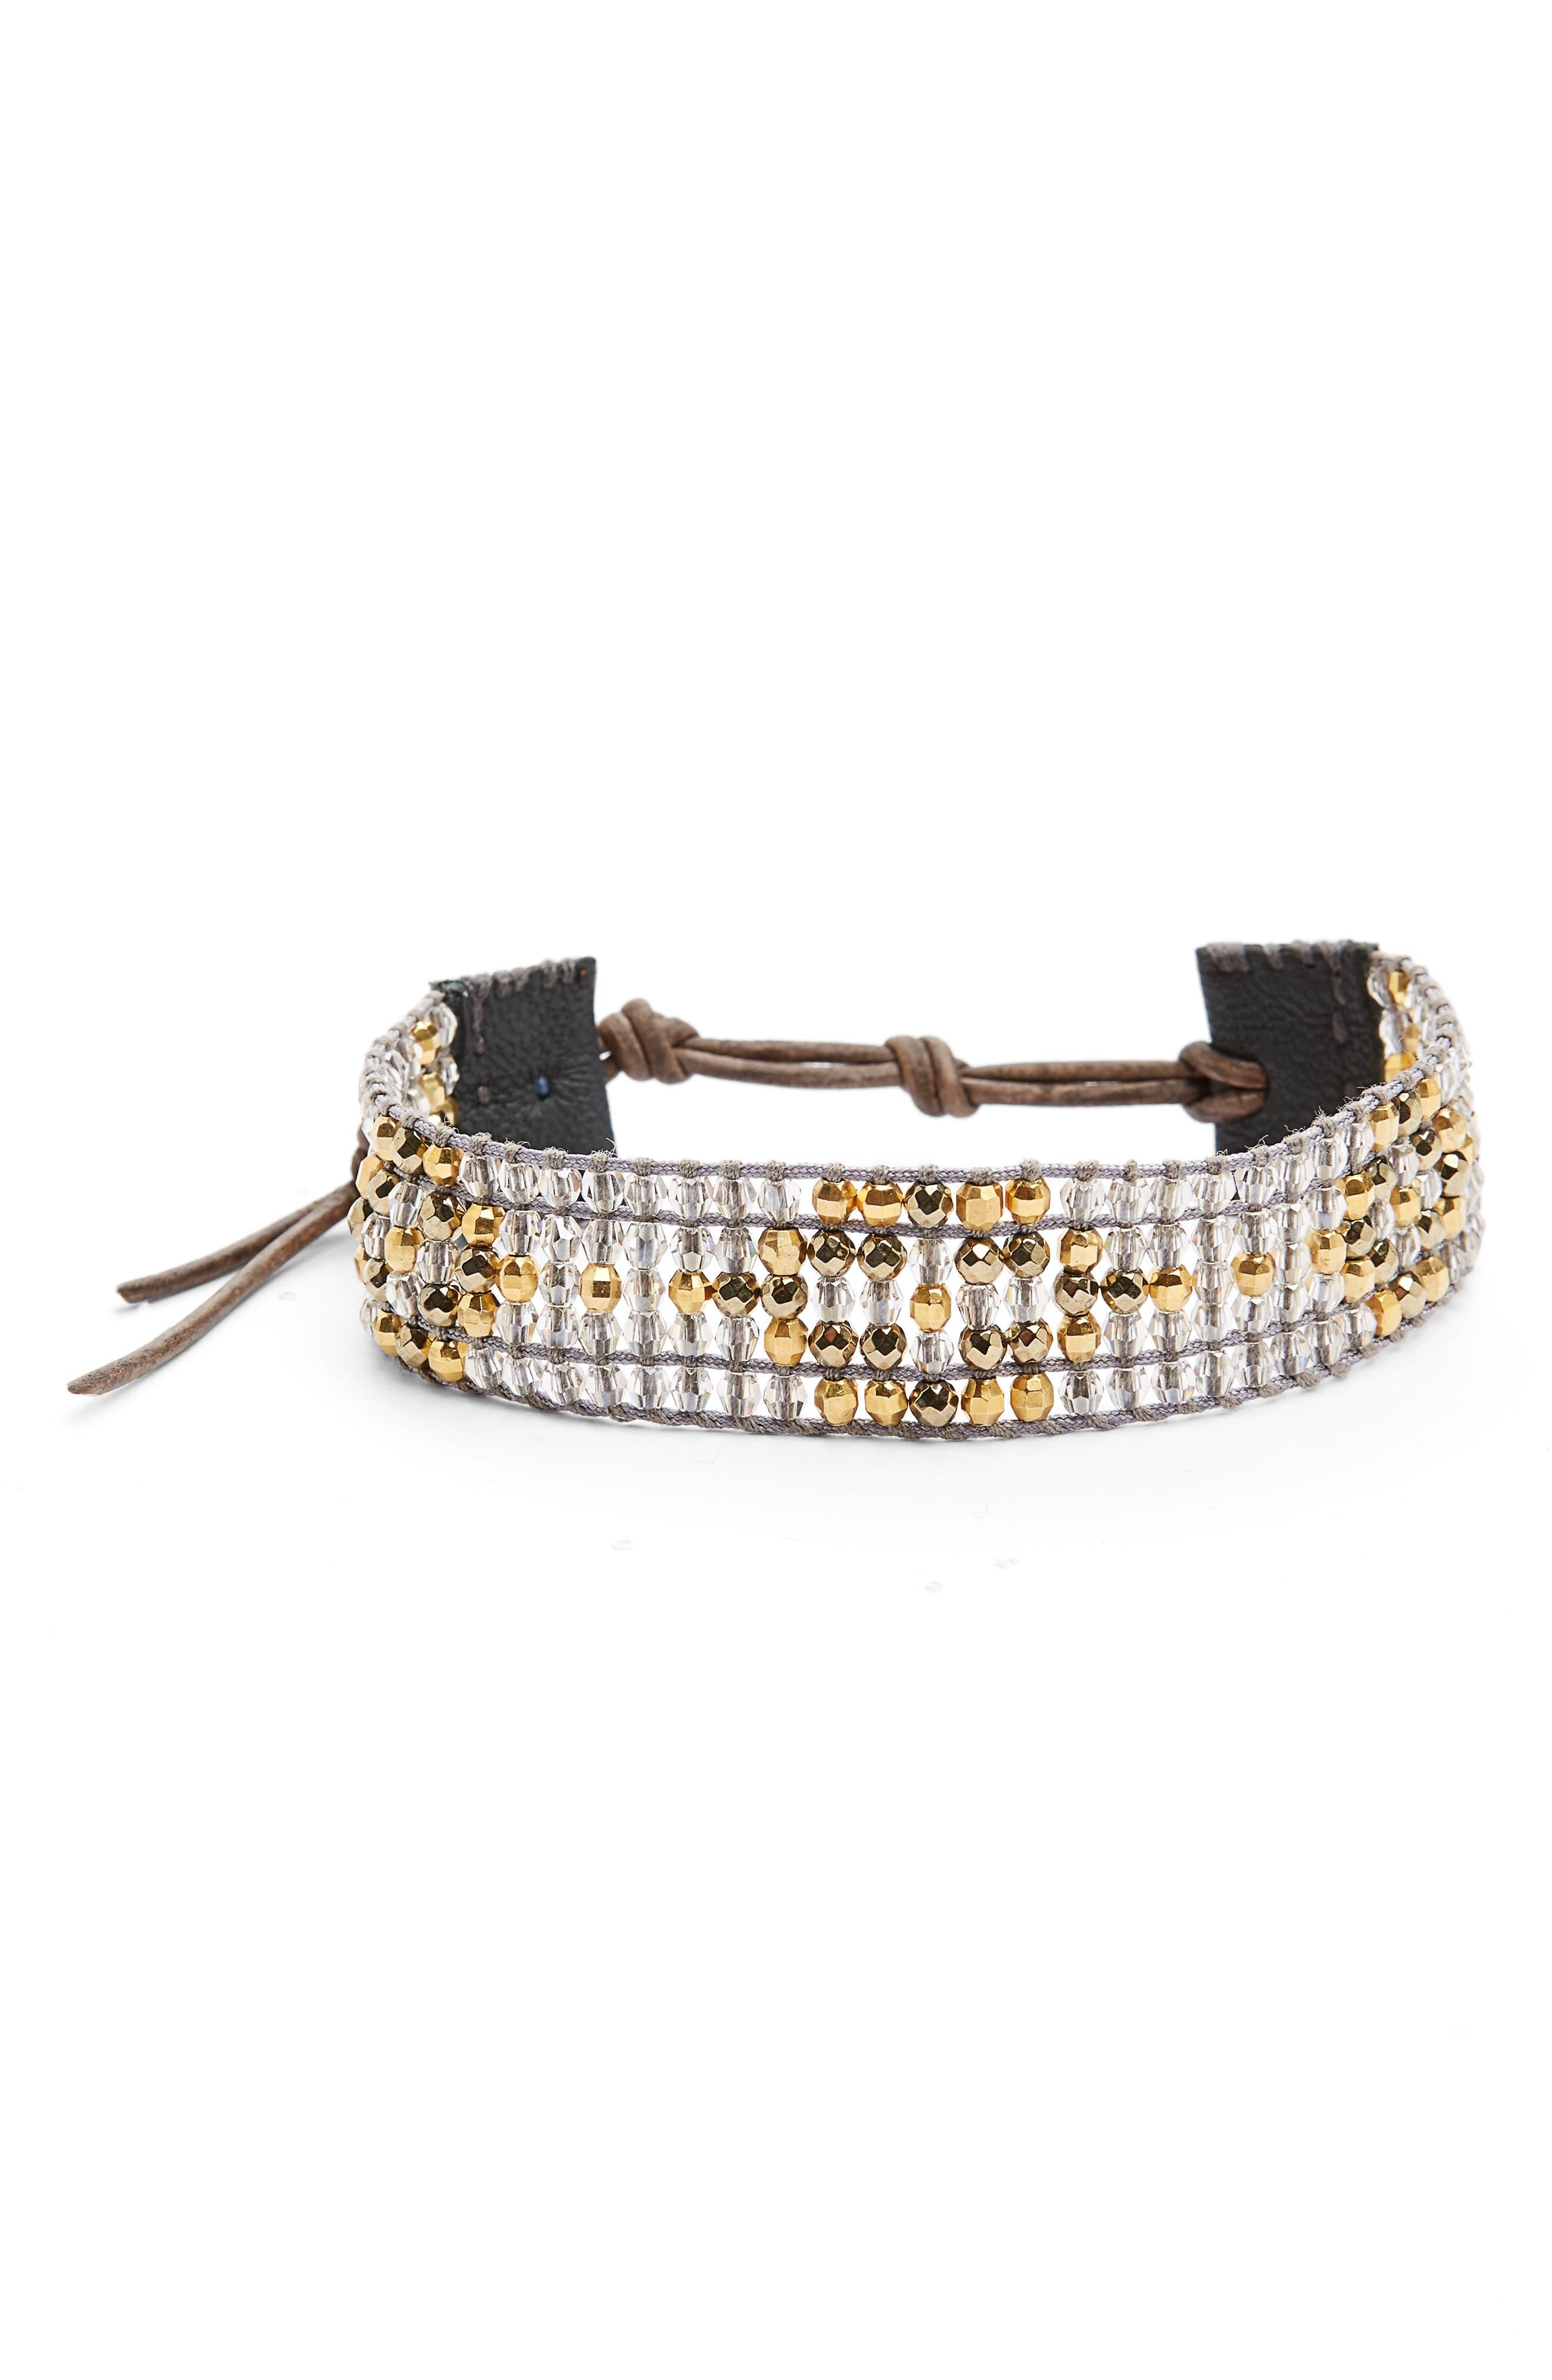 Pyrite Mix Adjustable Bracelet,                             Main thumbnail 1, color,                             040